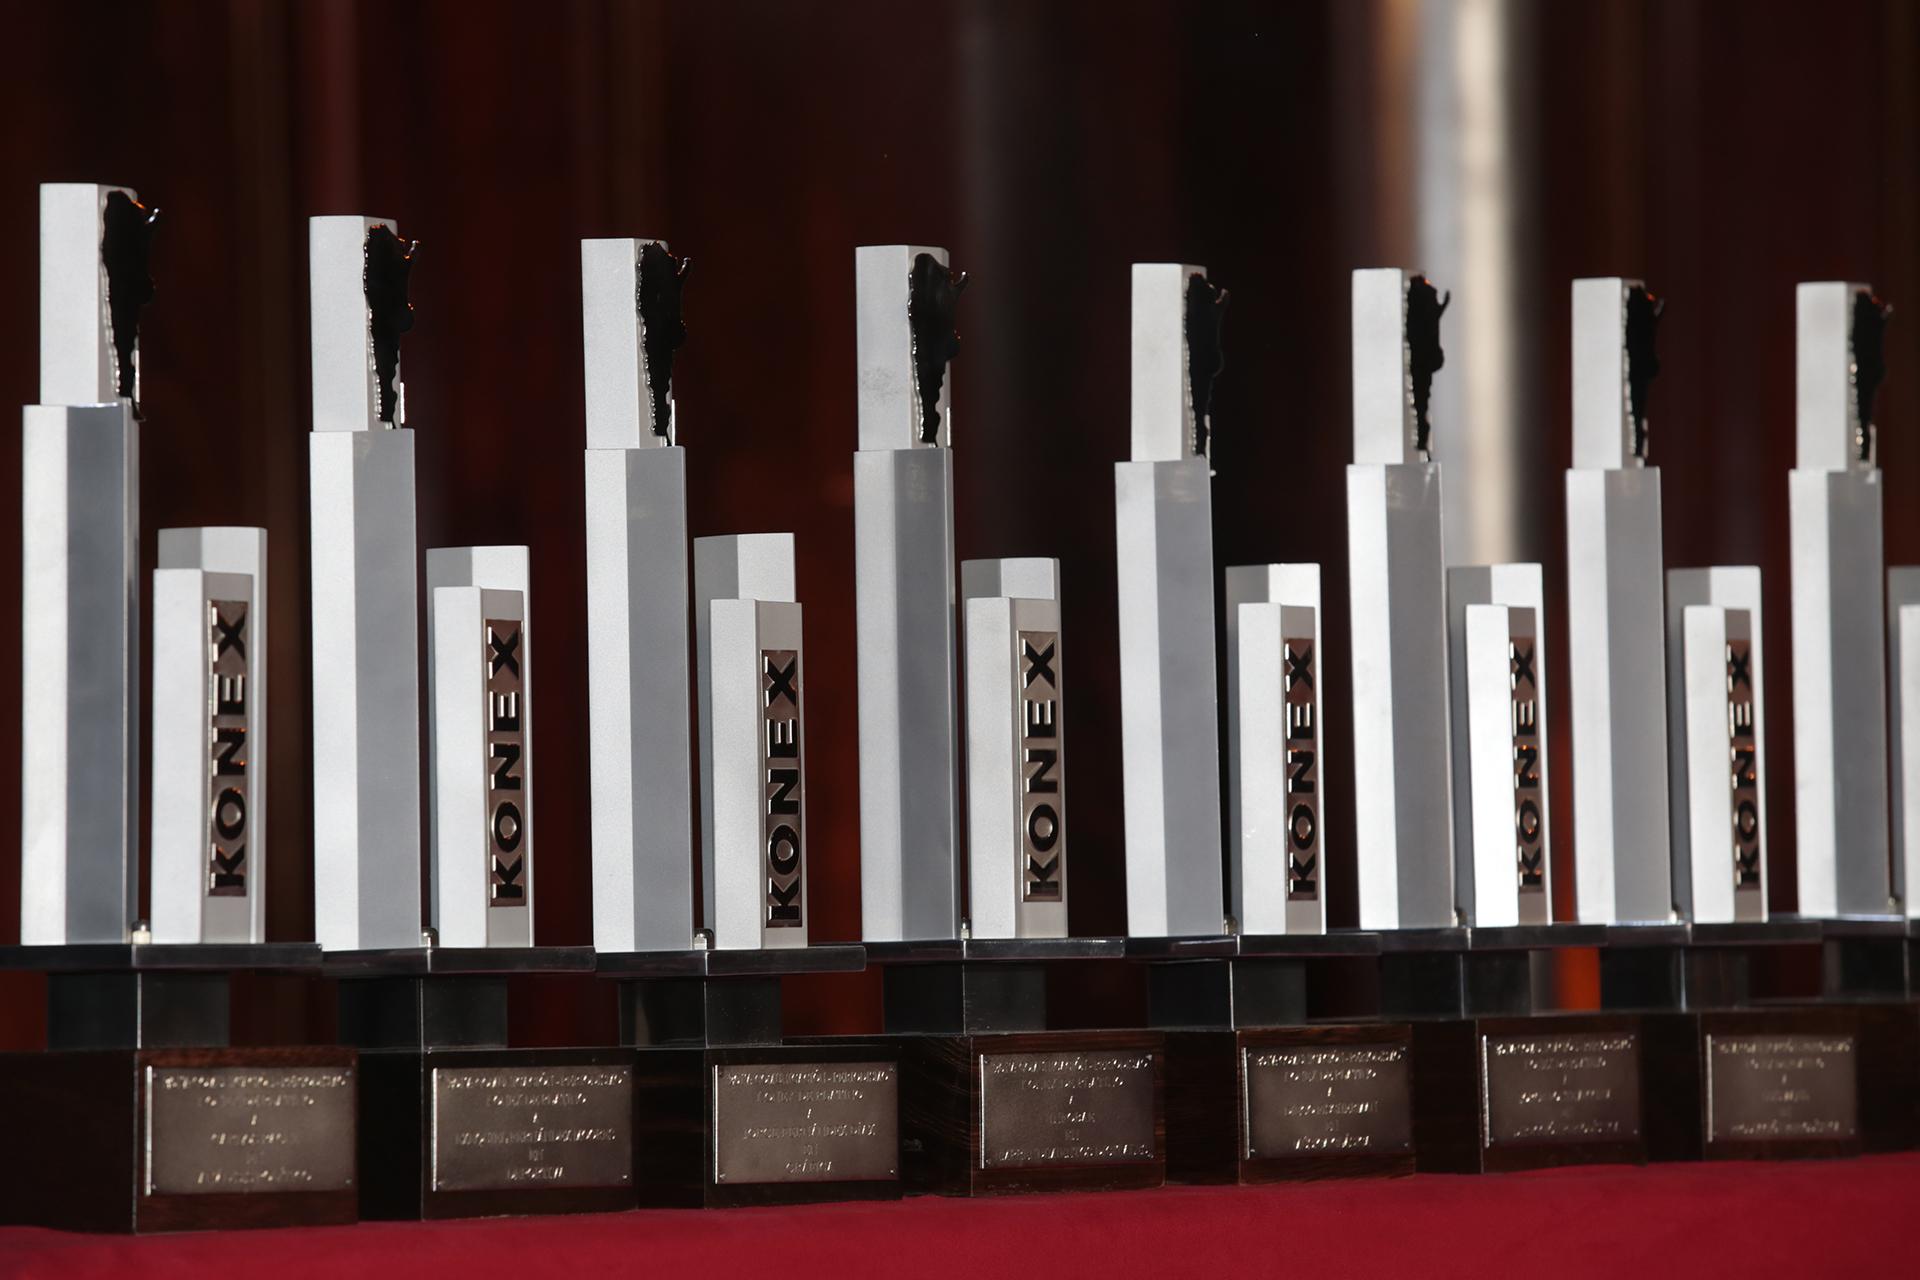 Luego de haberse entregado el pasado 12 de septiembre los Premios Konex – Diplomas al Mérito a 105 figuras destacadas de la Comunicación – Periodismo Argentino en 21 disciplinas, el Gran Jurado integrado por 20 notables miembros, se reunió para elegir en cada uno de los 21 quintetos premiados a las personalidades que ostentaron la trayectoria más significativa de la última década. Estas figuras recibieron el Konex de Platino